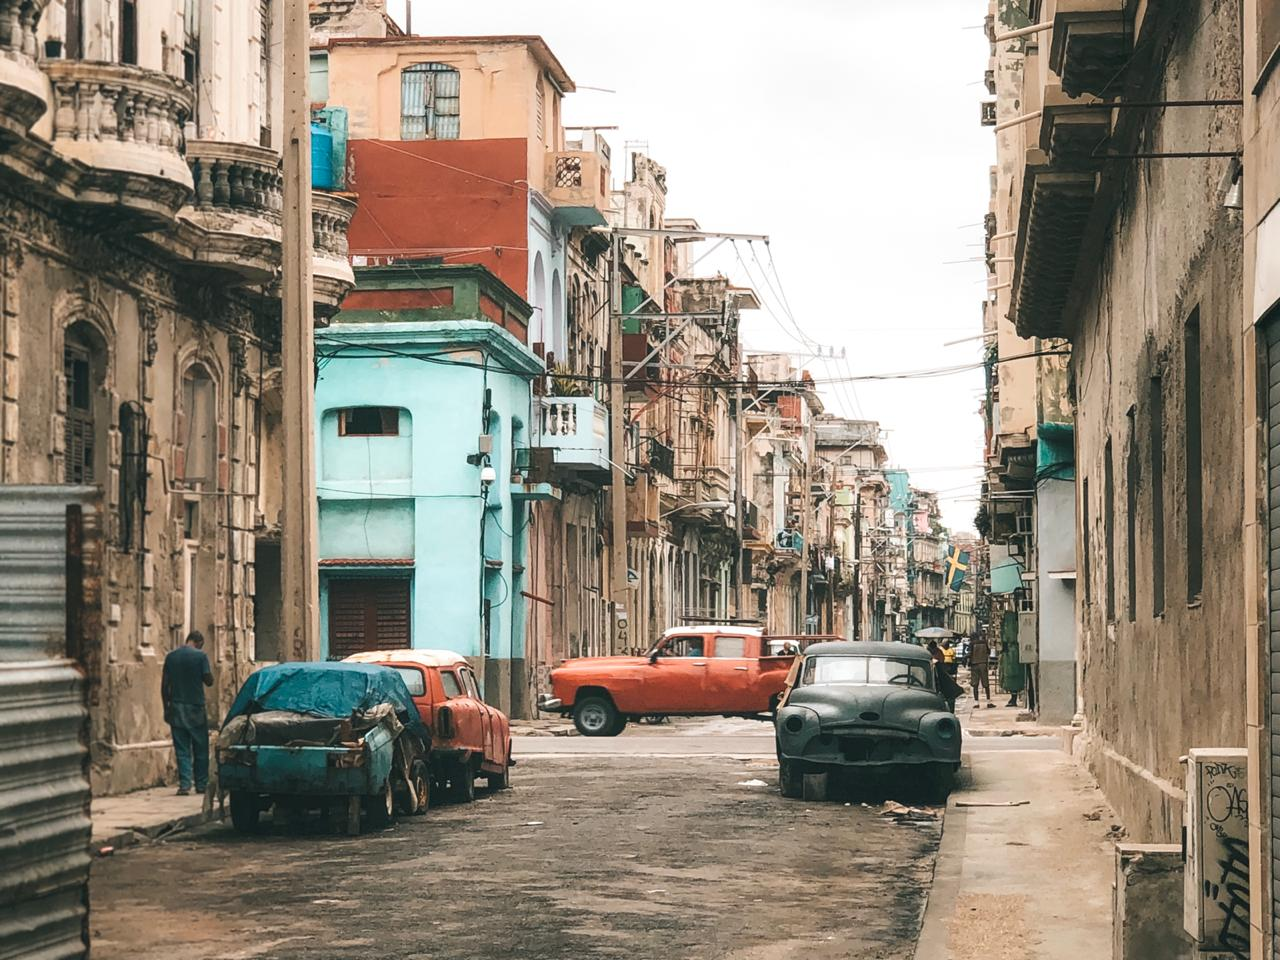 Ruas de Havana, Cuba (Foto: Tati Sisti)